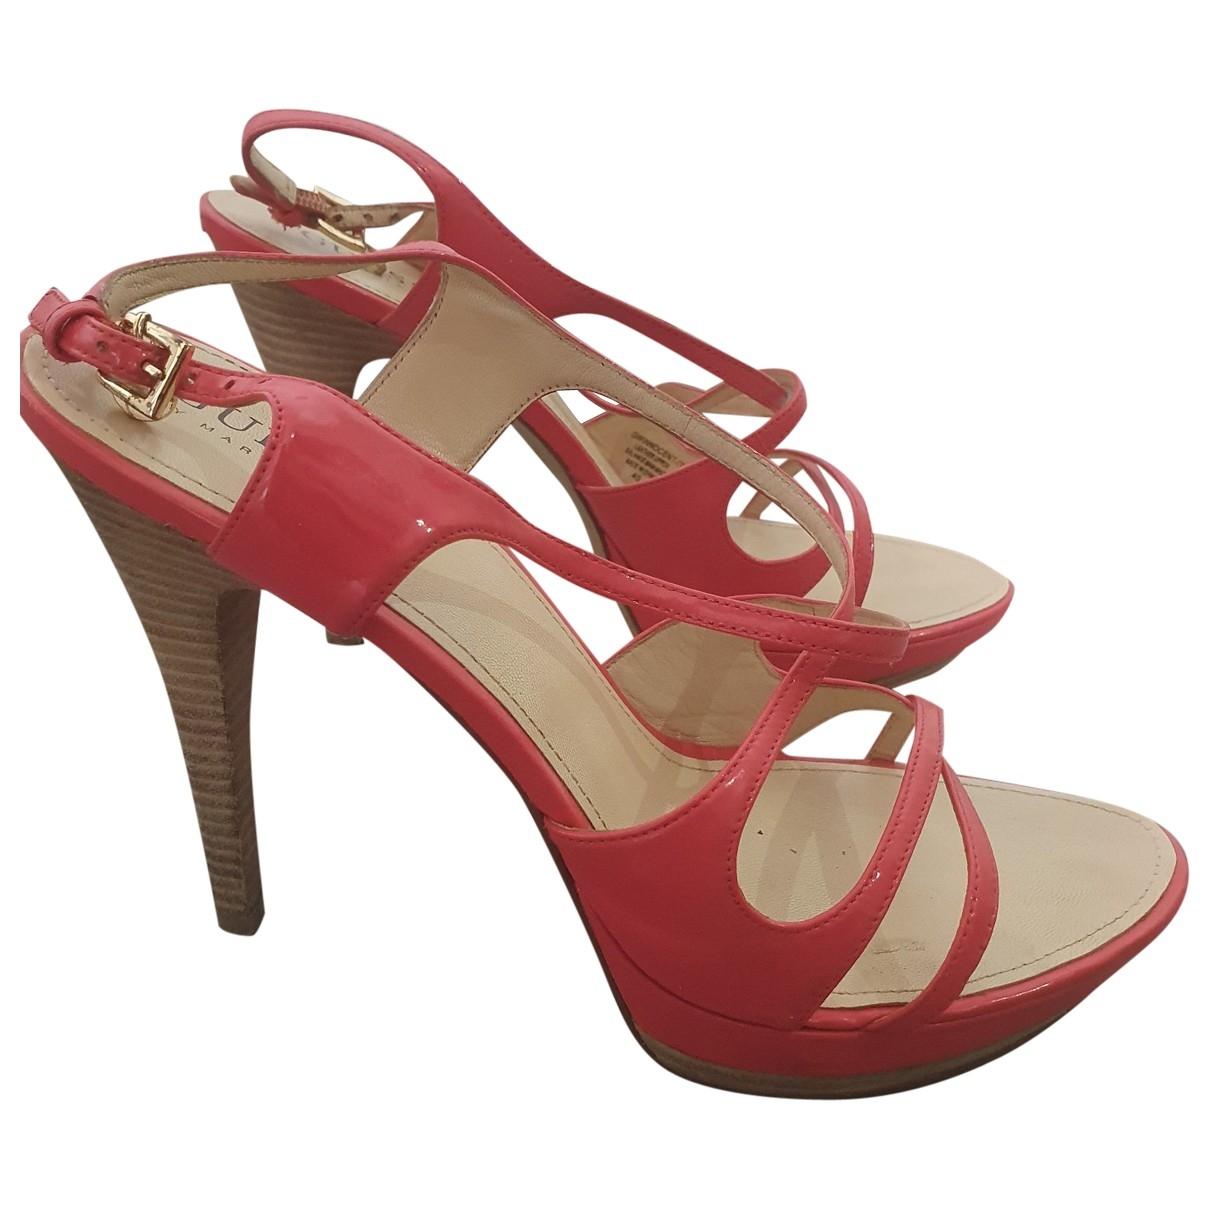 Guess - Sandales   pour femme en cuir - rose